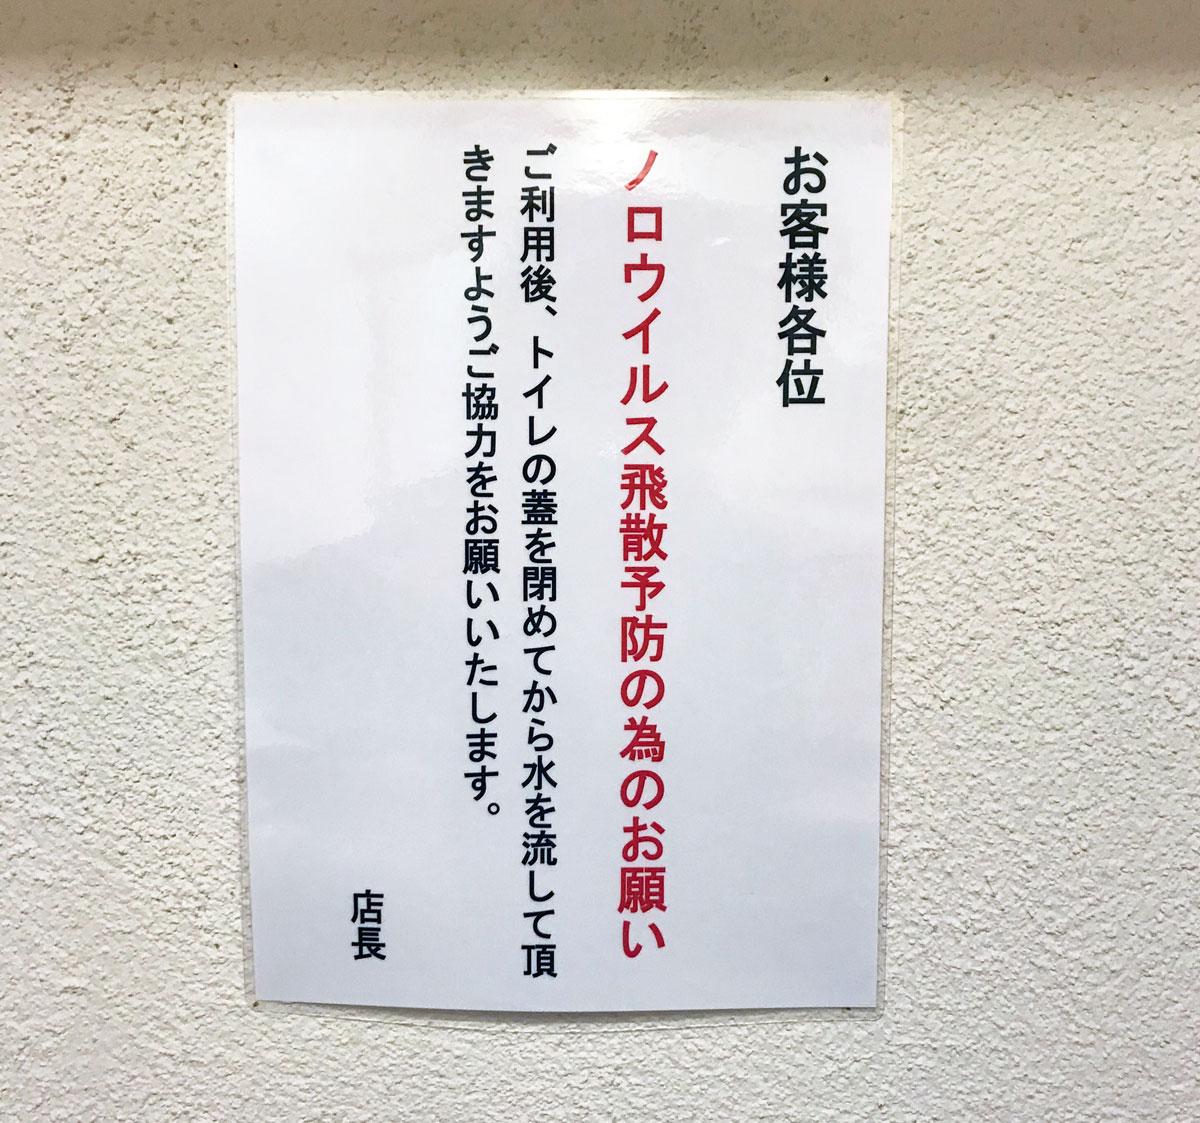 飲食店のトイレに貼られた「フタをして流してください」というポスター